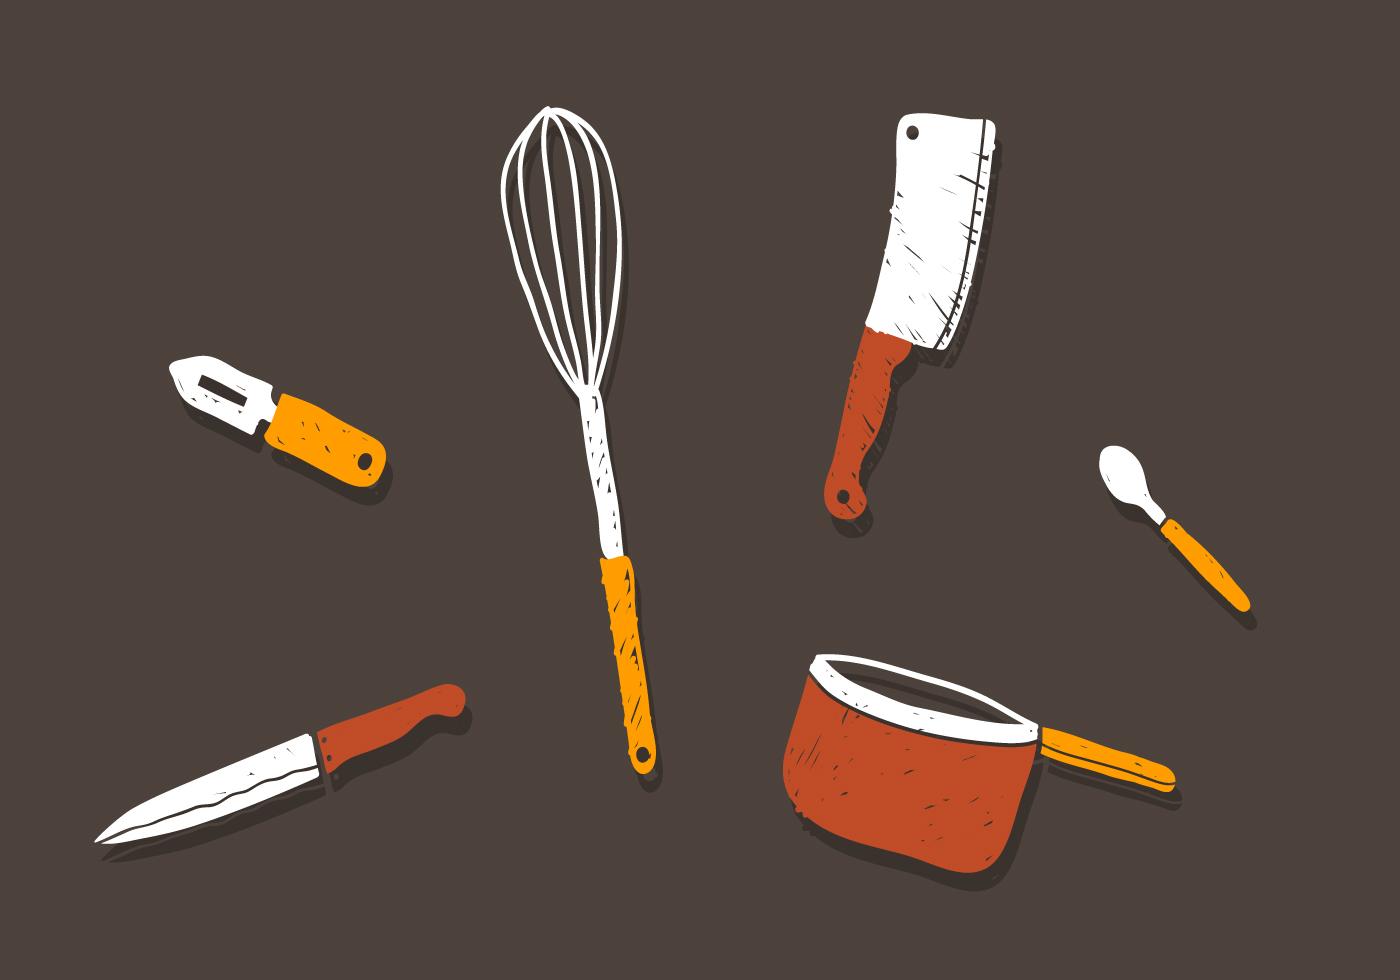 Vector Kitchen Utensils Download Free Vector Art Stock